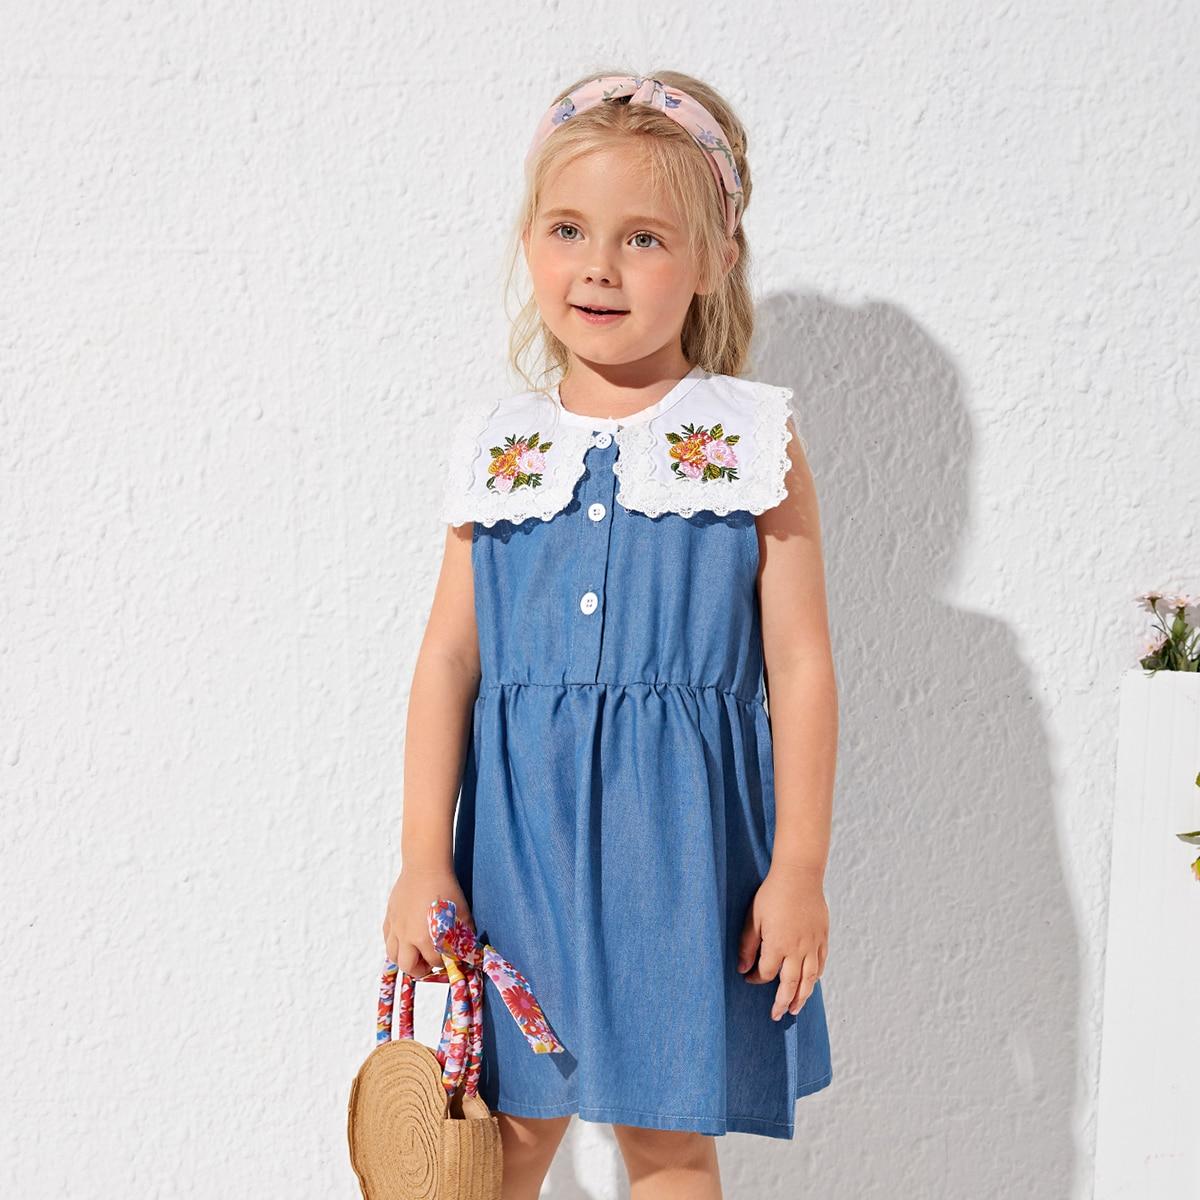 Джинсовое платье с кружевной отделкой и цветочной вышивкой для девочек SheIn skdress03210317259